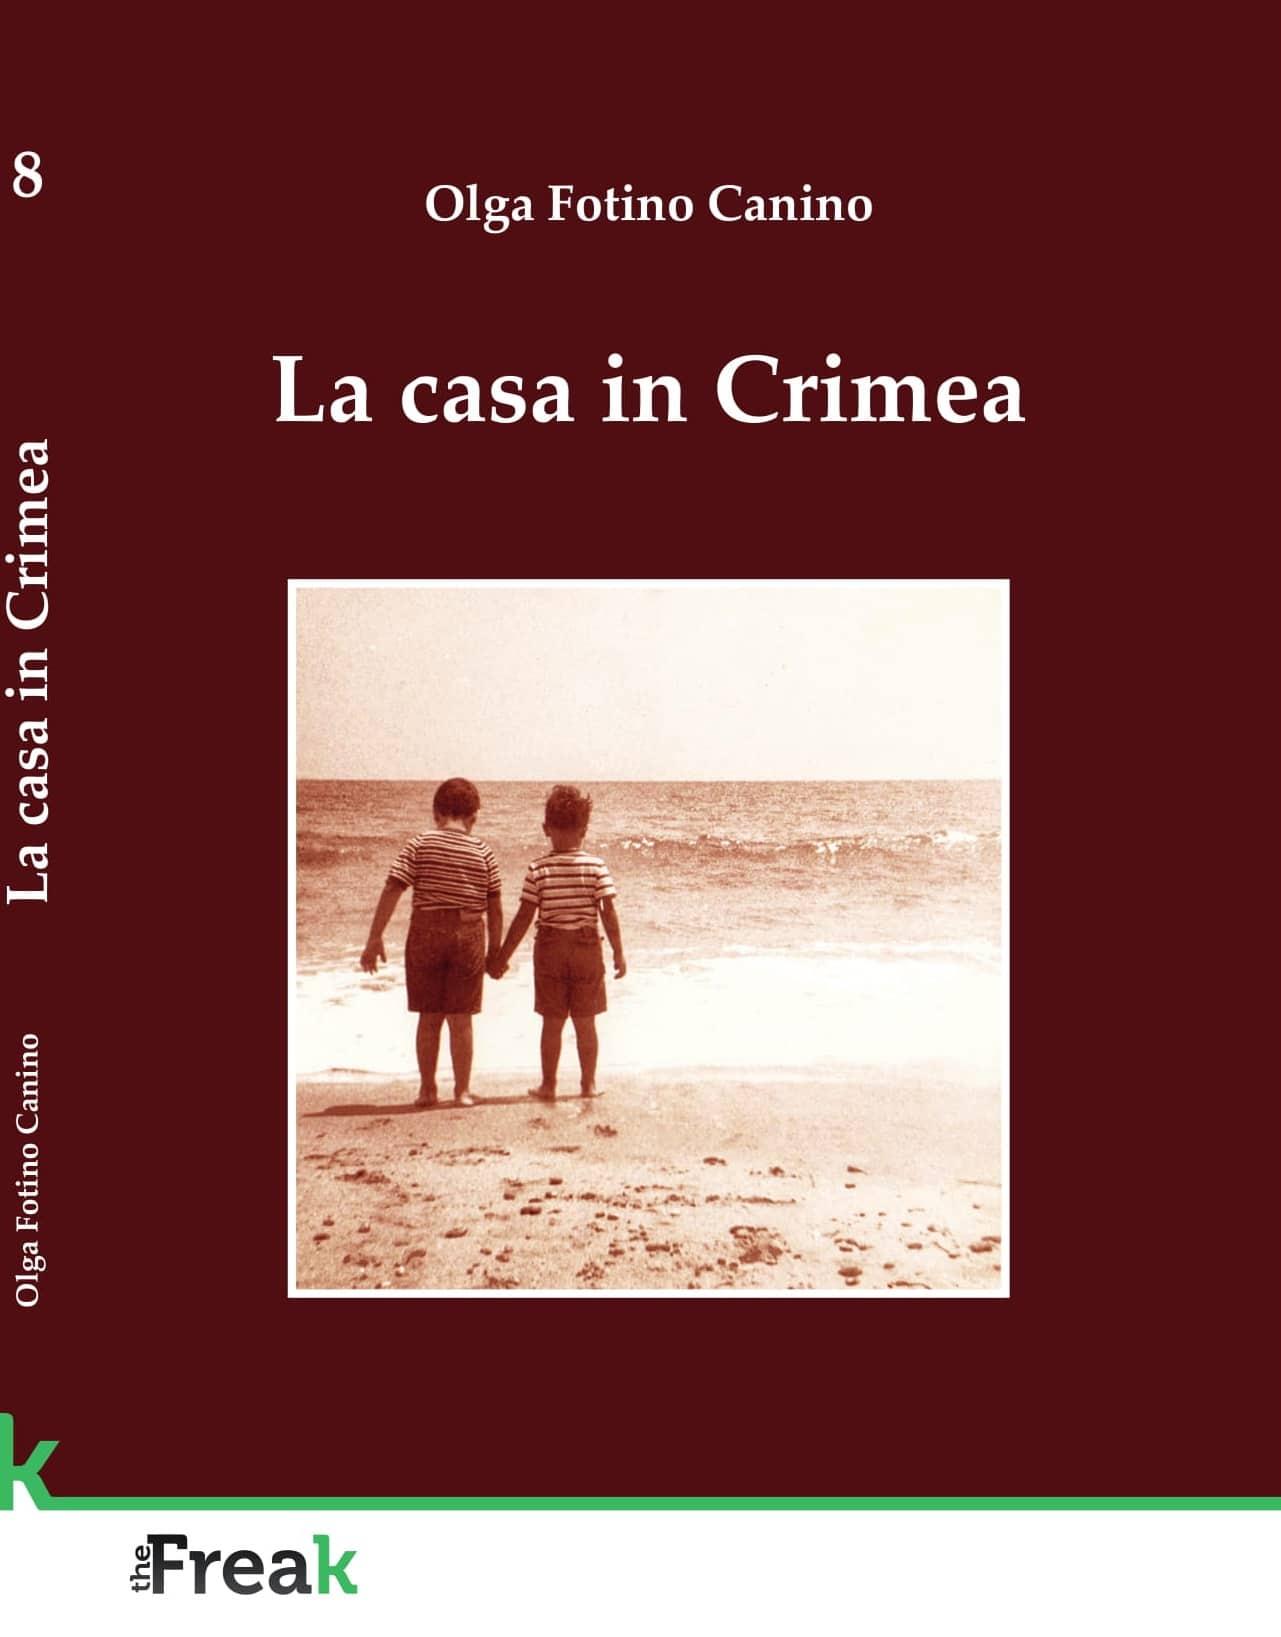 La casa in Crimea di Olga Fotino Canino